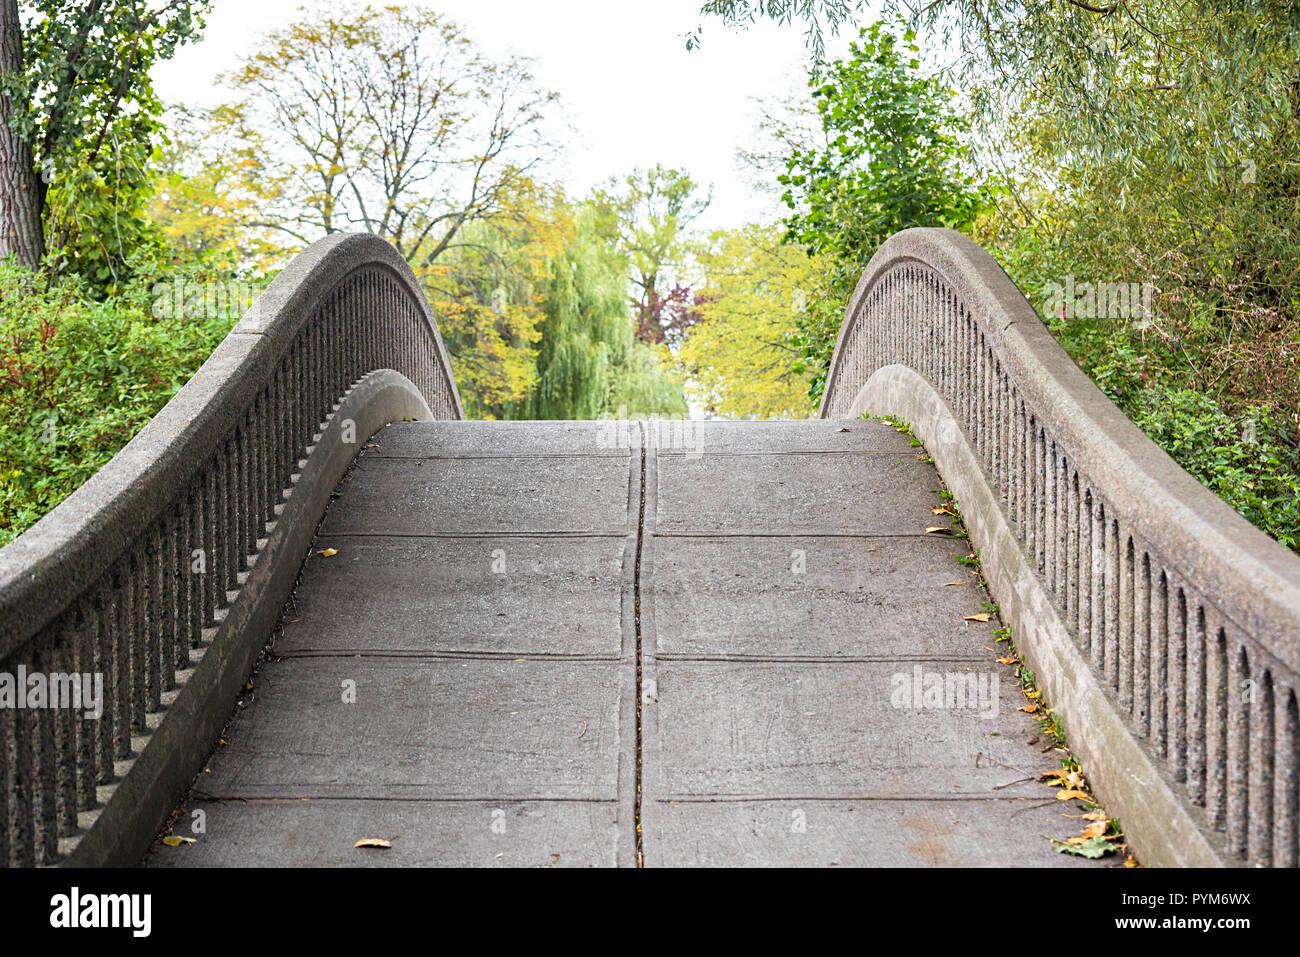 Die steinbogenbrücke auf der Insel von Toronto Stockfoto